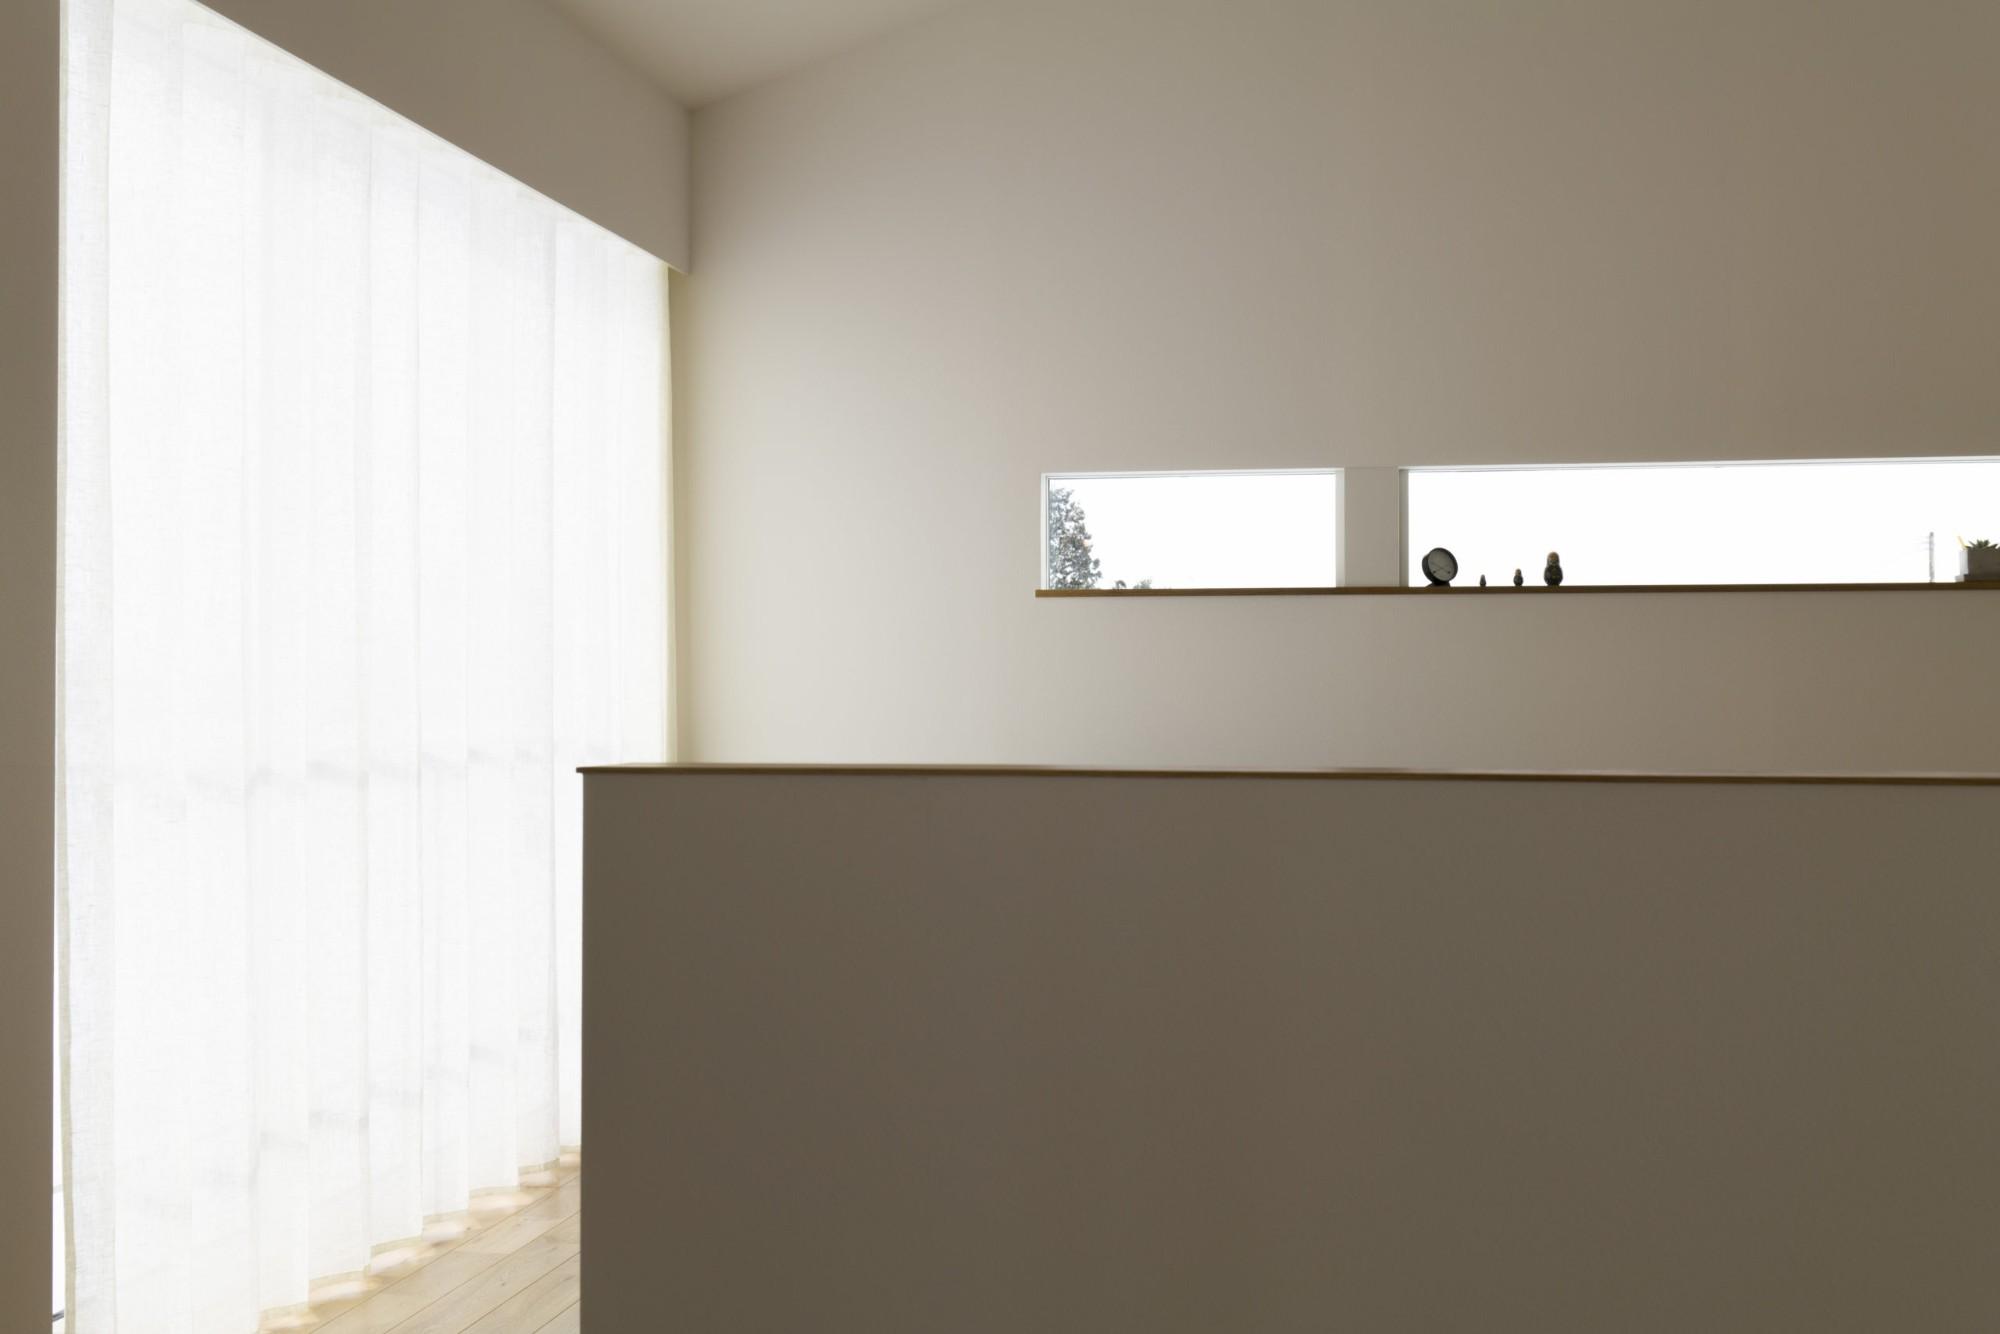 株式会社あかがわ建築設計室「悠遠の家」のシンプル・ナチュラル・自然素材なリビング・ダイニングの実例写真